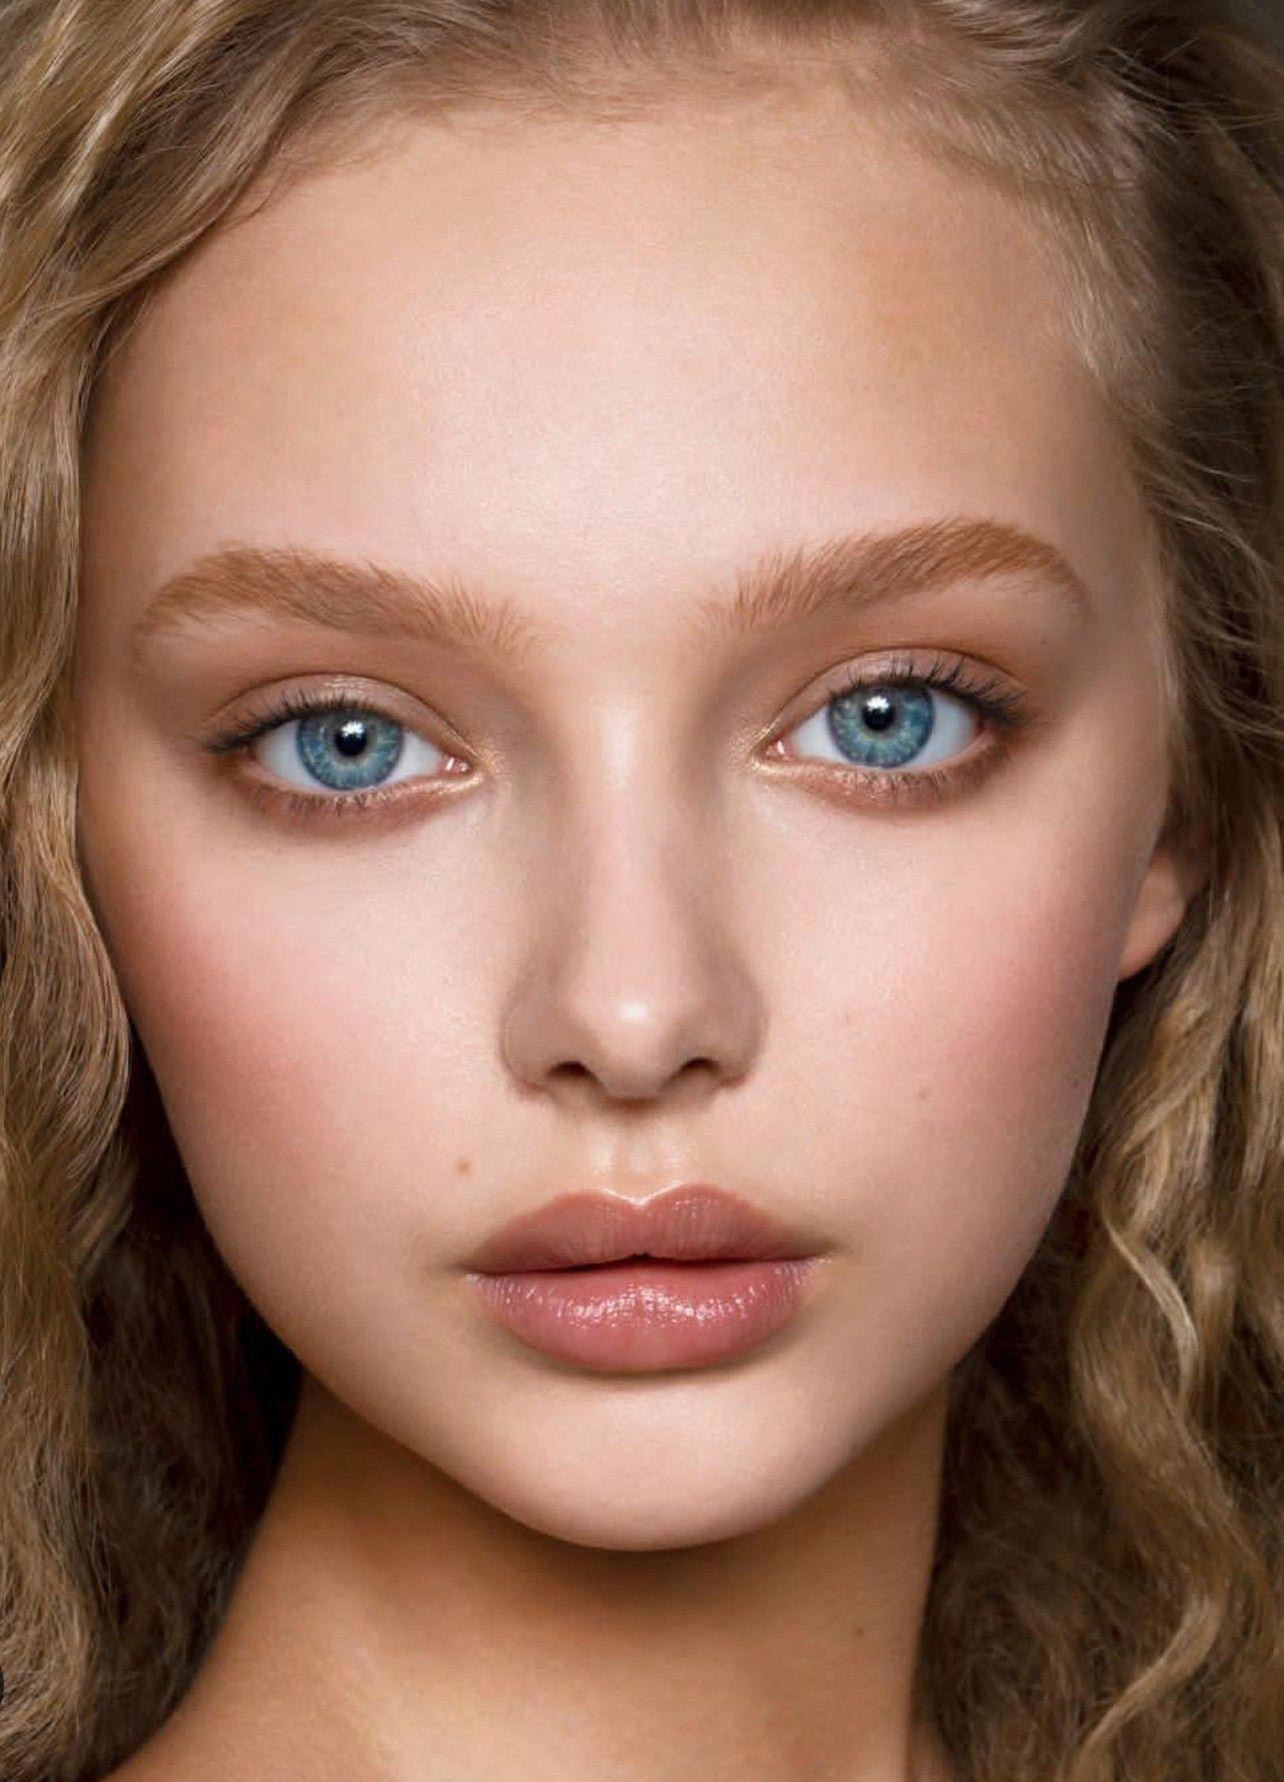 originalweddingmakeup Girls makeup, Freckles makeup